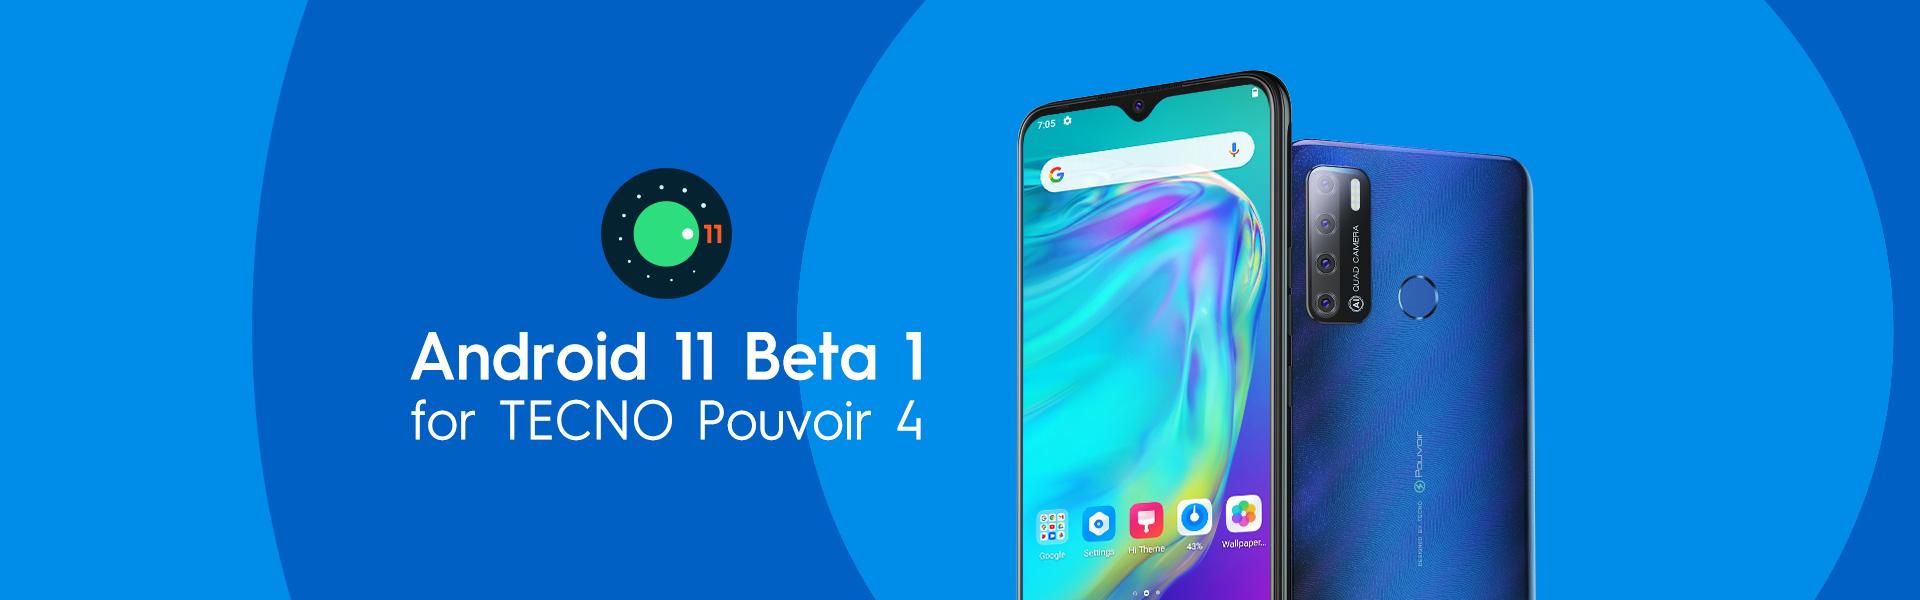 TECNO Pouvoir 4 MediaTek Helio A22 Android 11 Beta 1